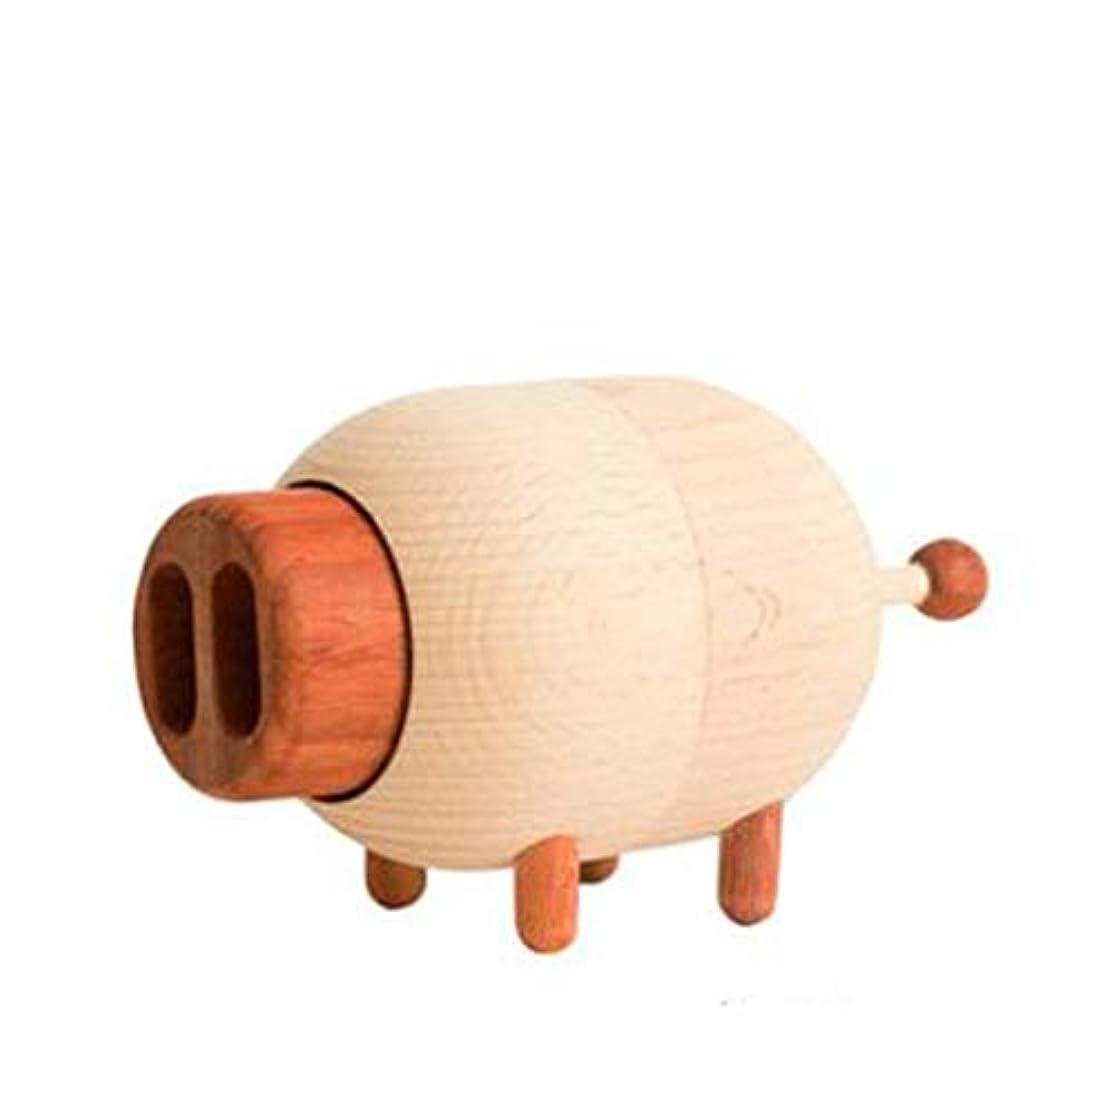 冒険汚れる繊毛Qiyuezhuangshi ギフト豚オルゴールスカイシティオルゴール木製回転クリエイティブ送信女の子カップル誕生日ギフト,美しいホリデーギフト (Style : Pig)